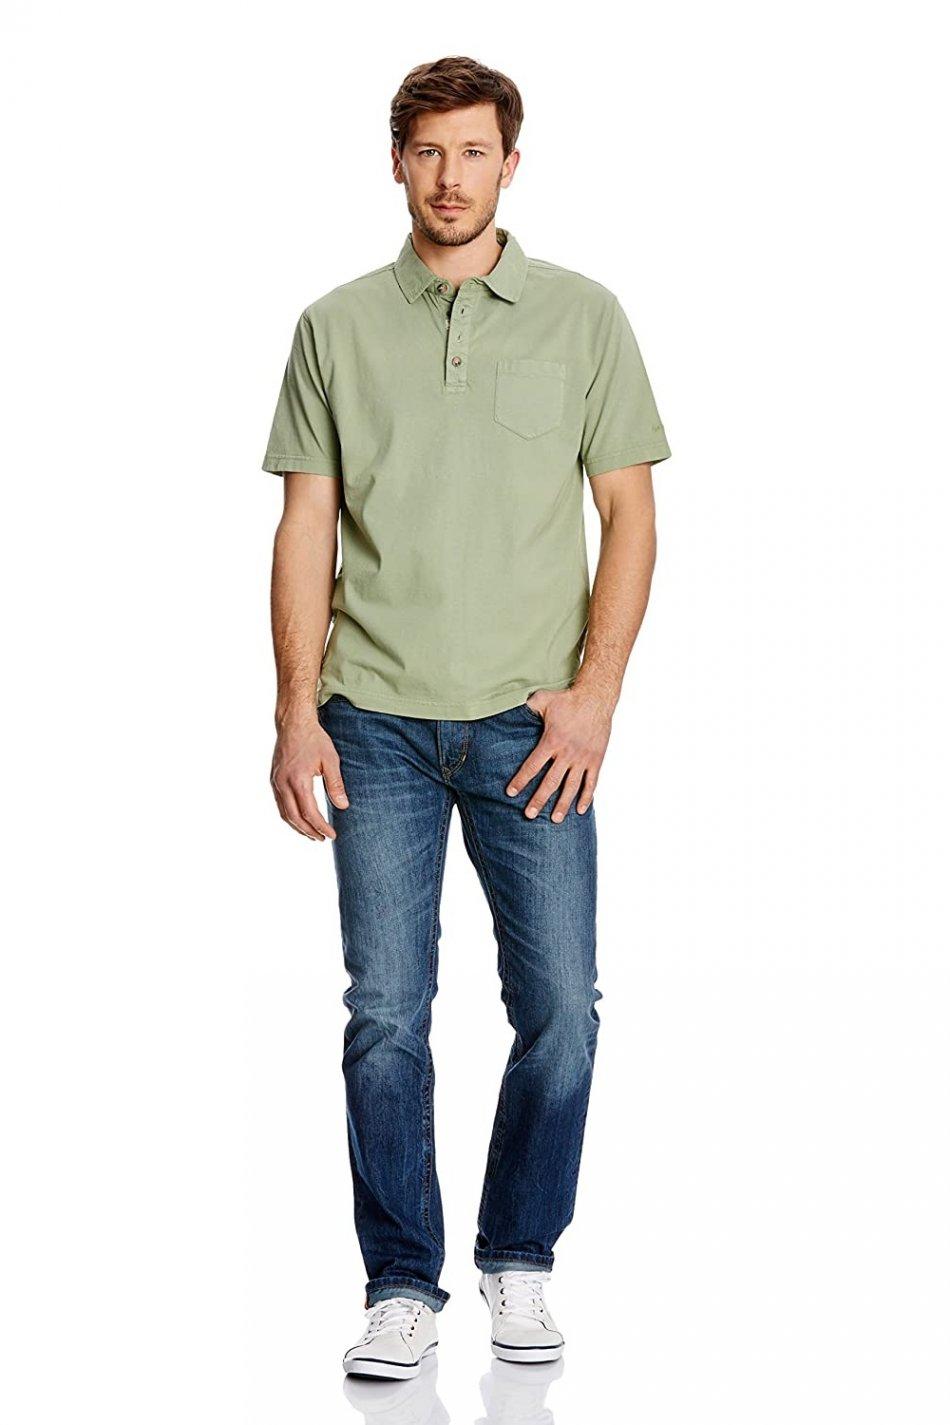 Bluza cu maneca scurta, Gin Tonic, Verde, 2XL EU